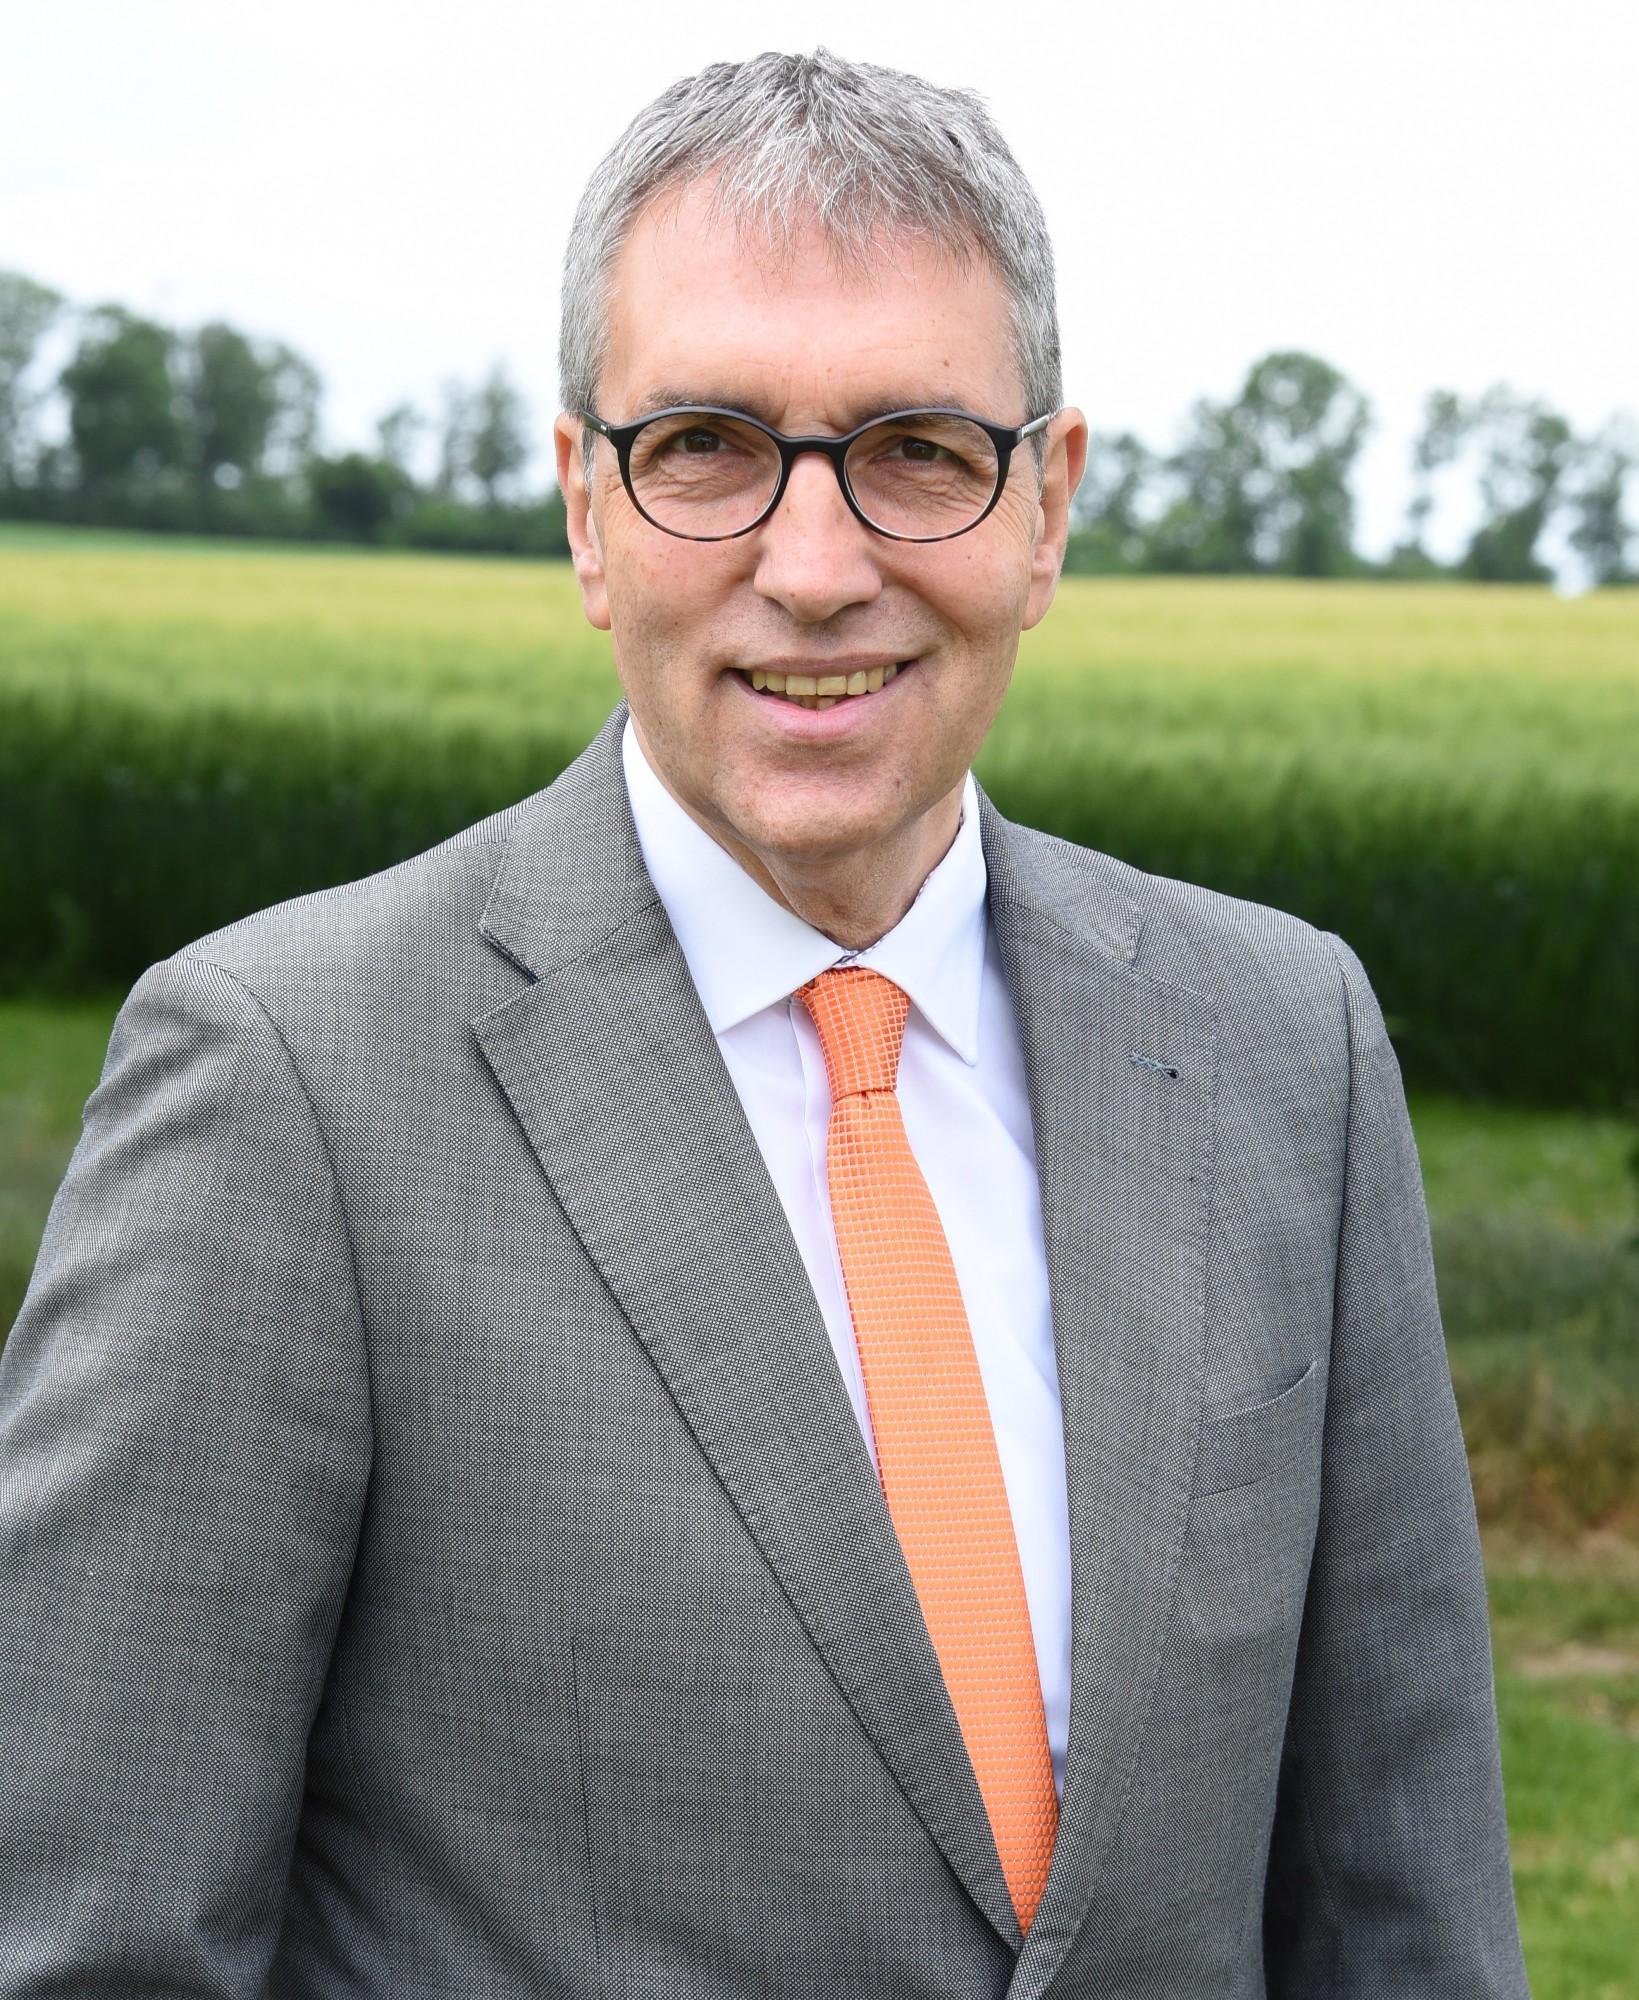 Abbildung von Jürgen Frantzen